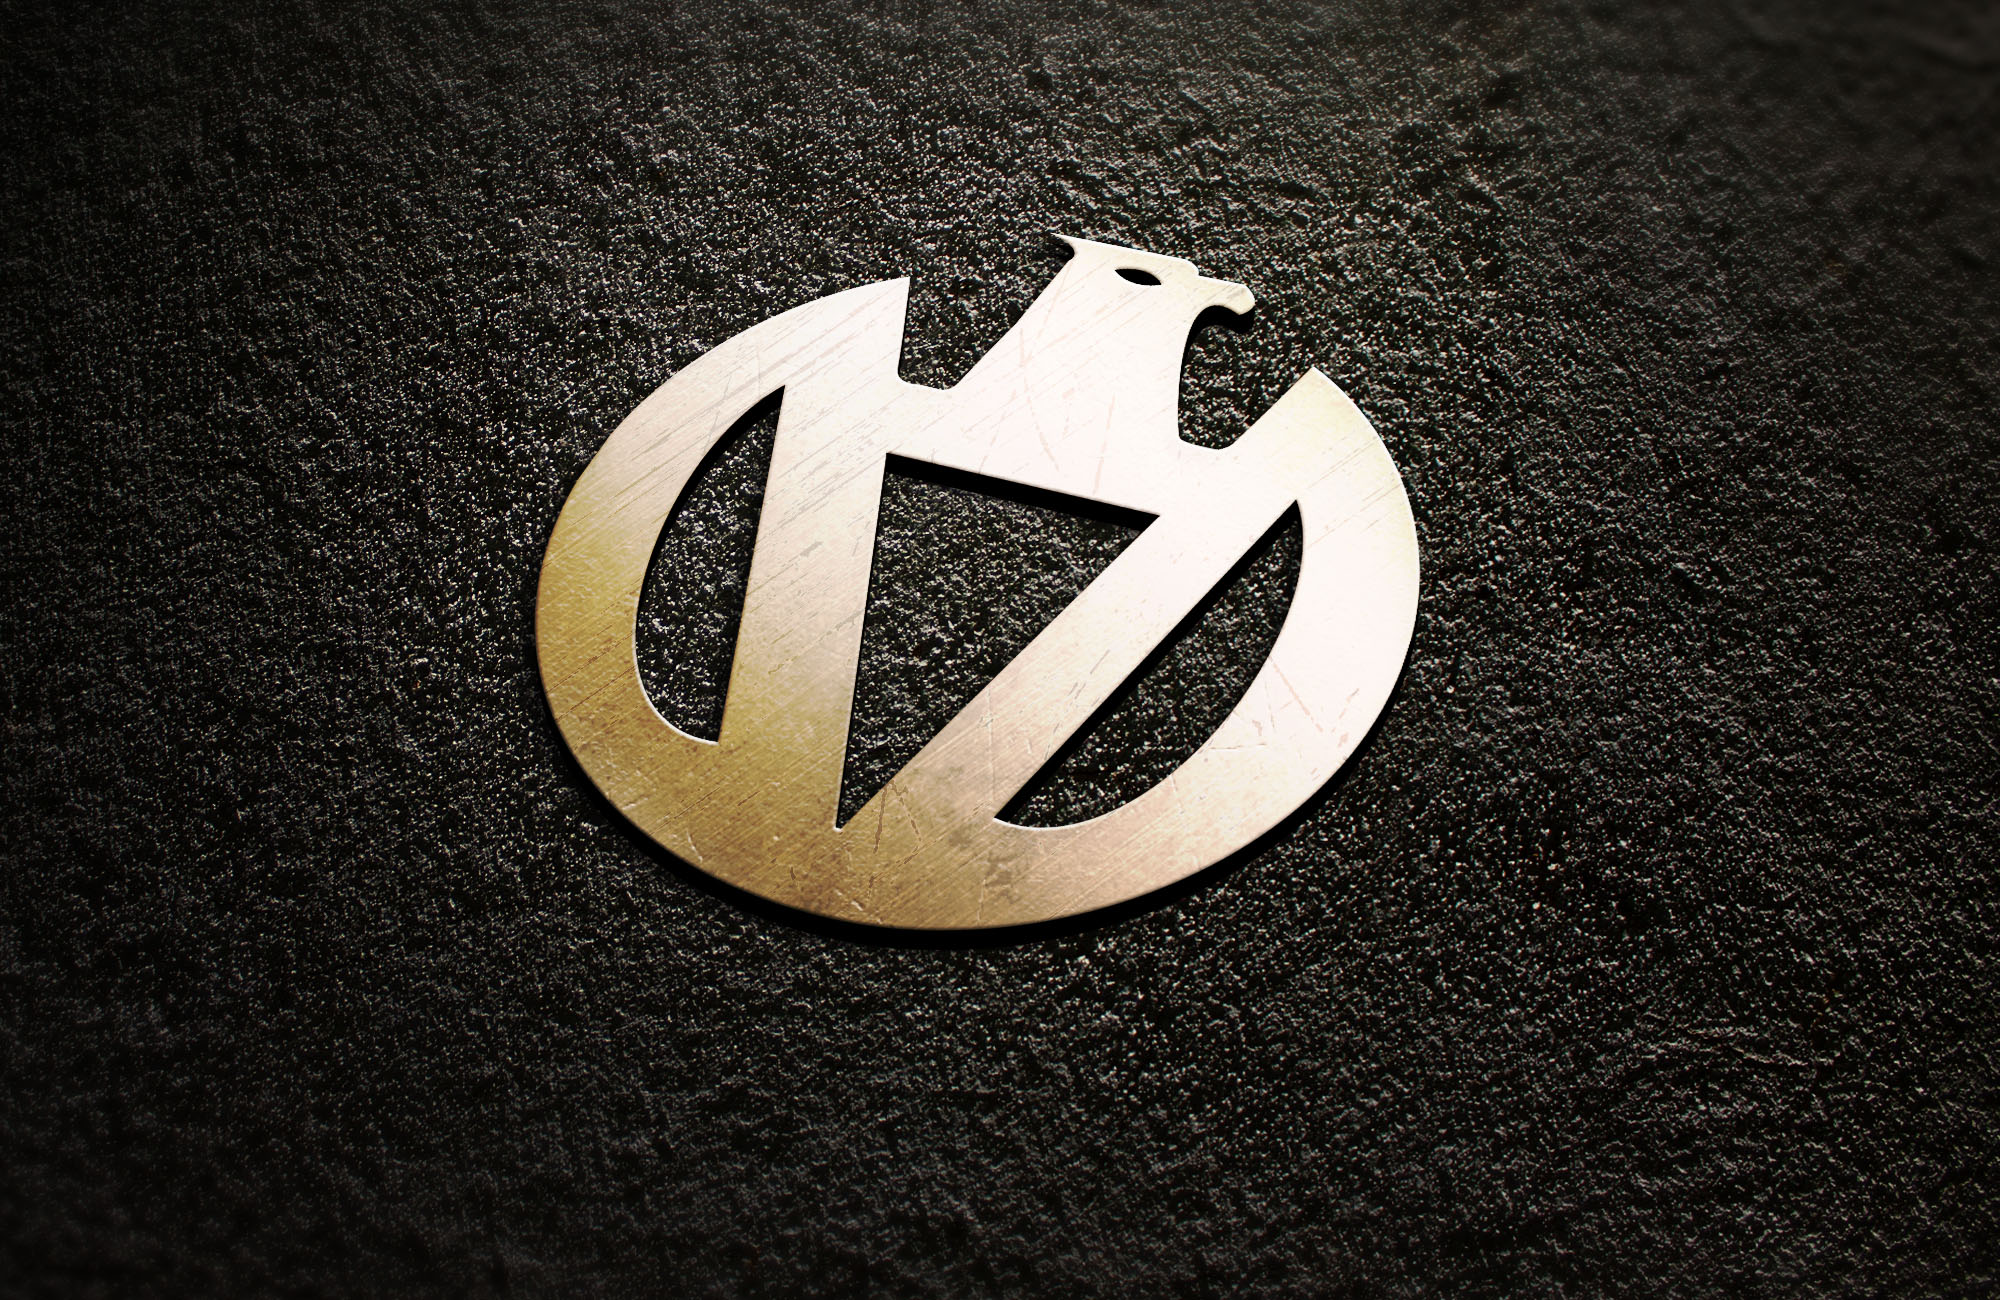 Logo修改或设计+网站小图标_3027633_k68威客网